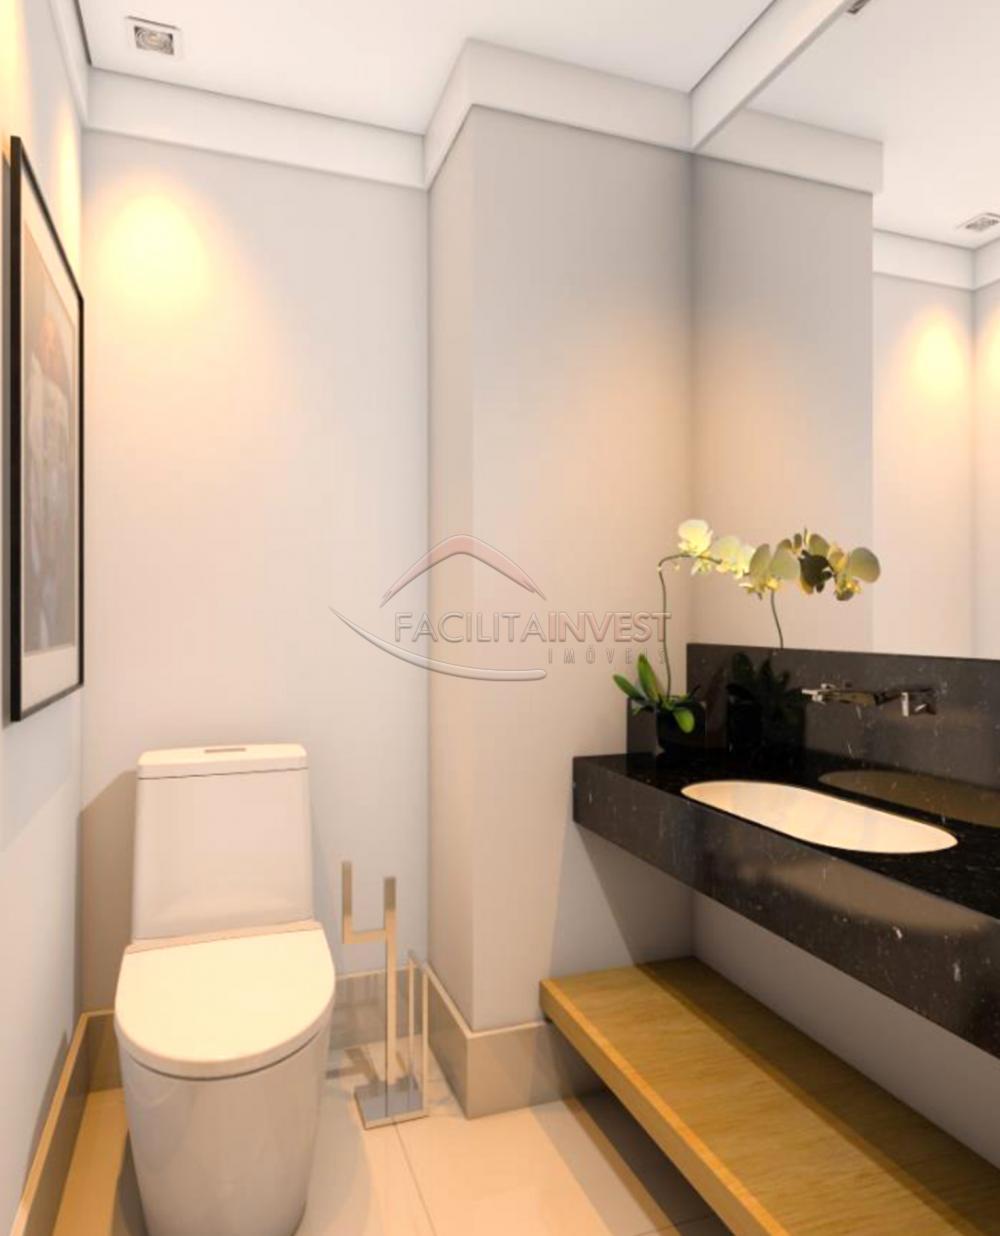 Comprar Lançamentos/ Empreendimentos em Construç / Apartamento padrão - Lançamento em Ribeirão Preto apenas R$ 554.488,00 - Foto 5